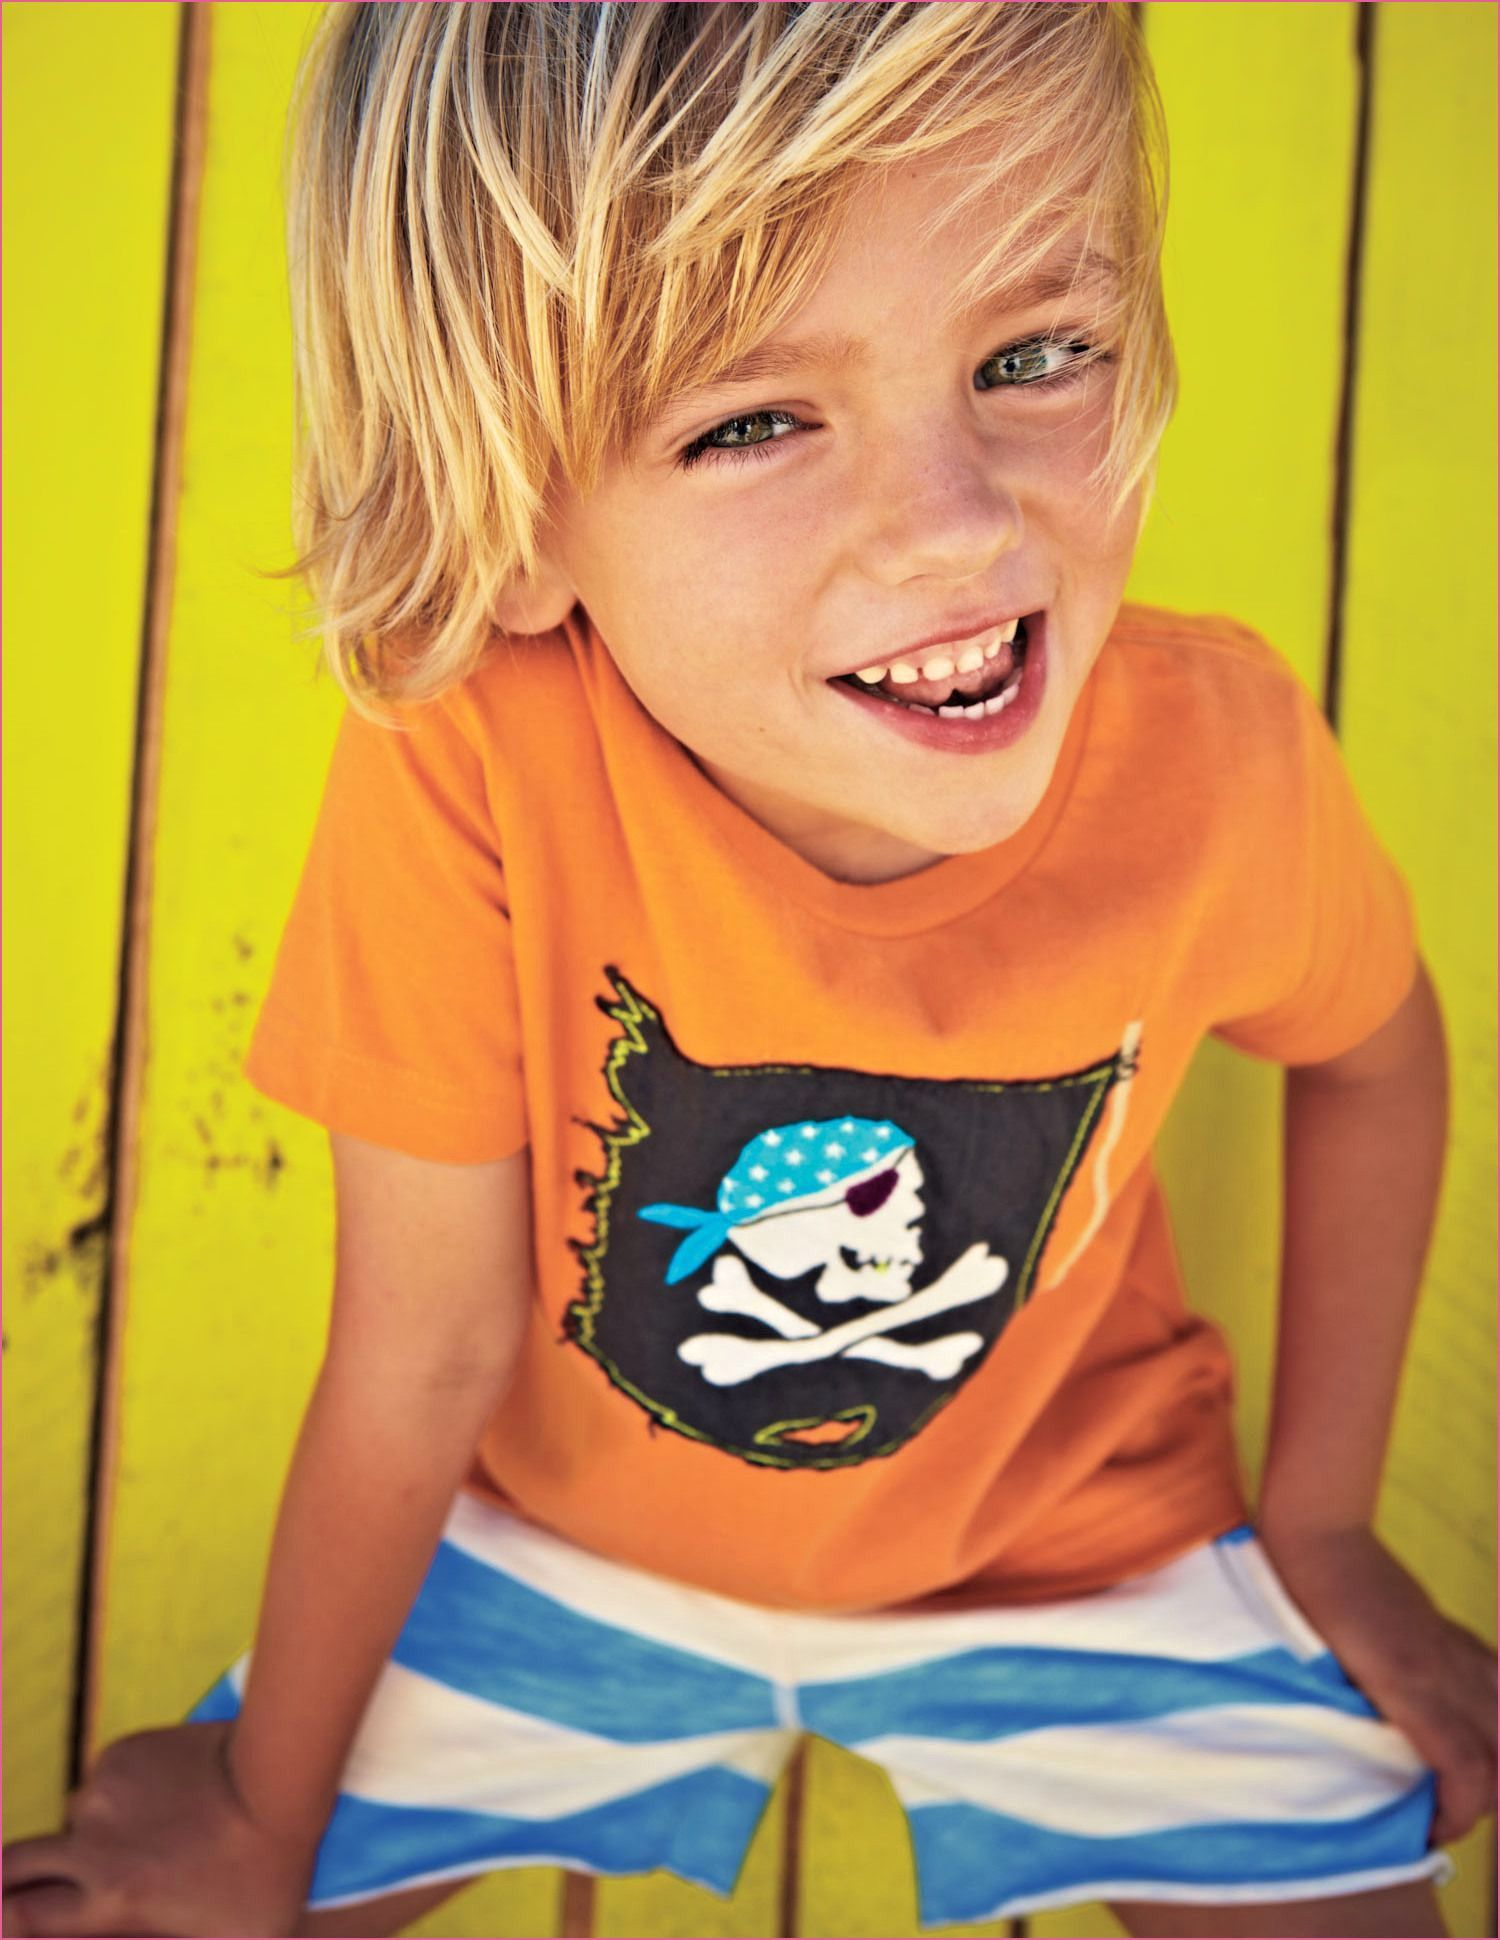 Frisuren Kinder Lange Haare - - in 9  Boy hairstyles, Hair